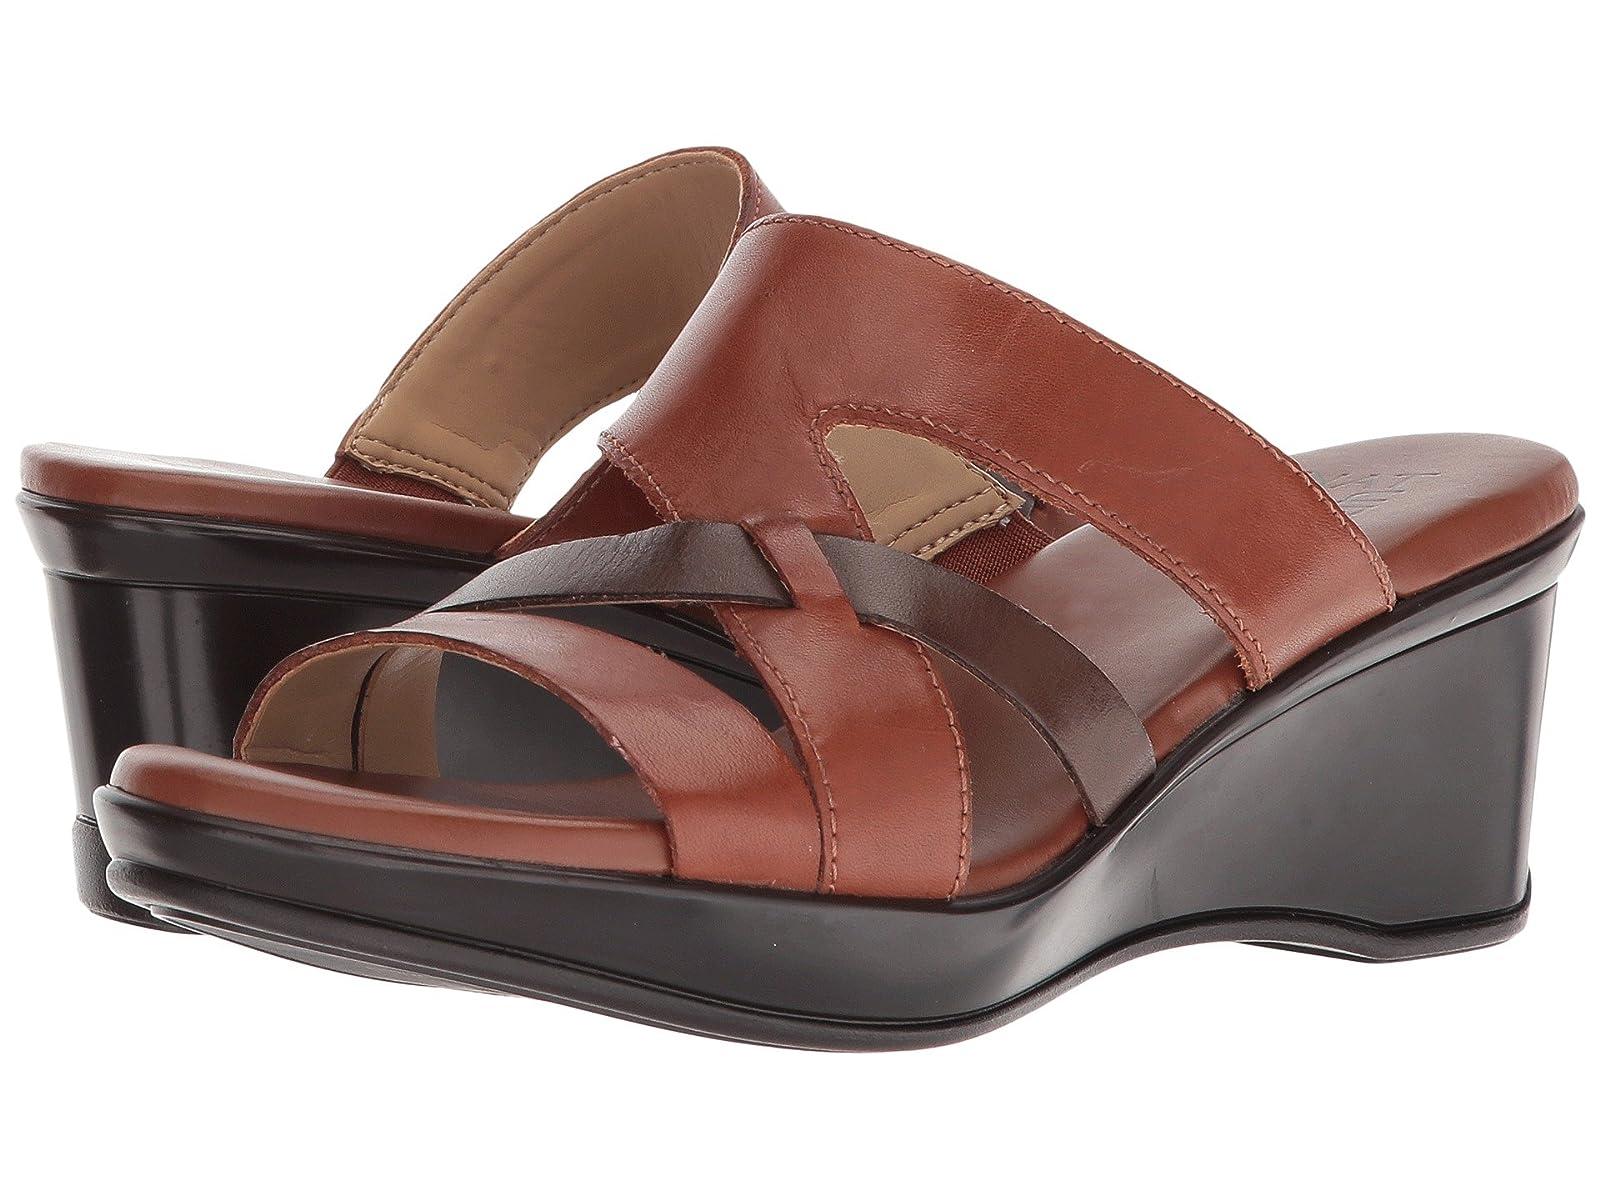 Naturalizer VivyAtmospheric grades have affordable shoes